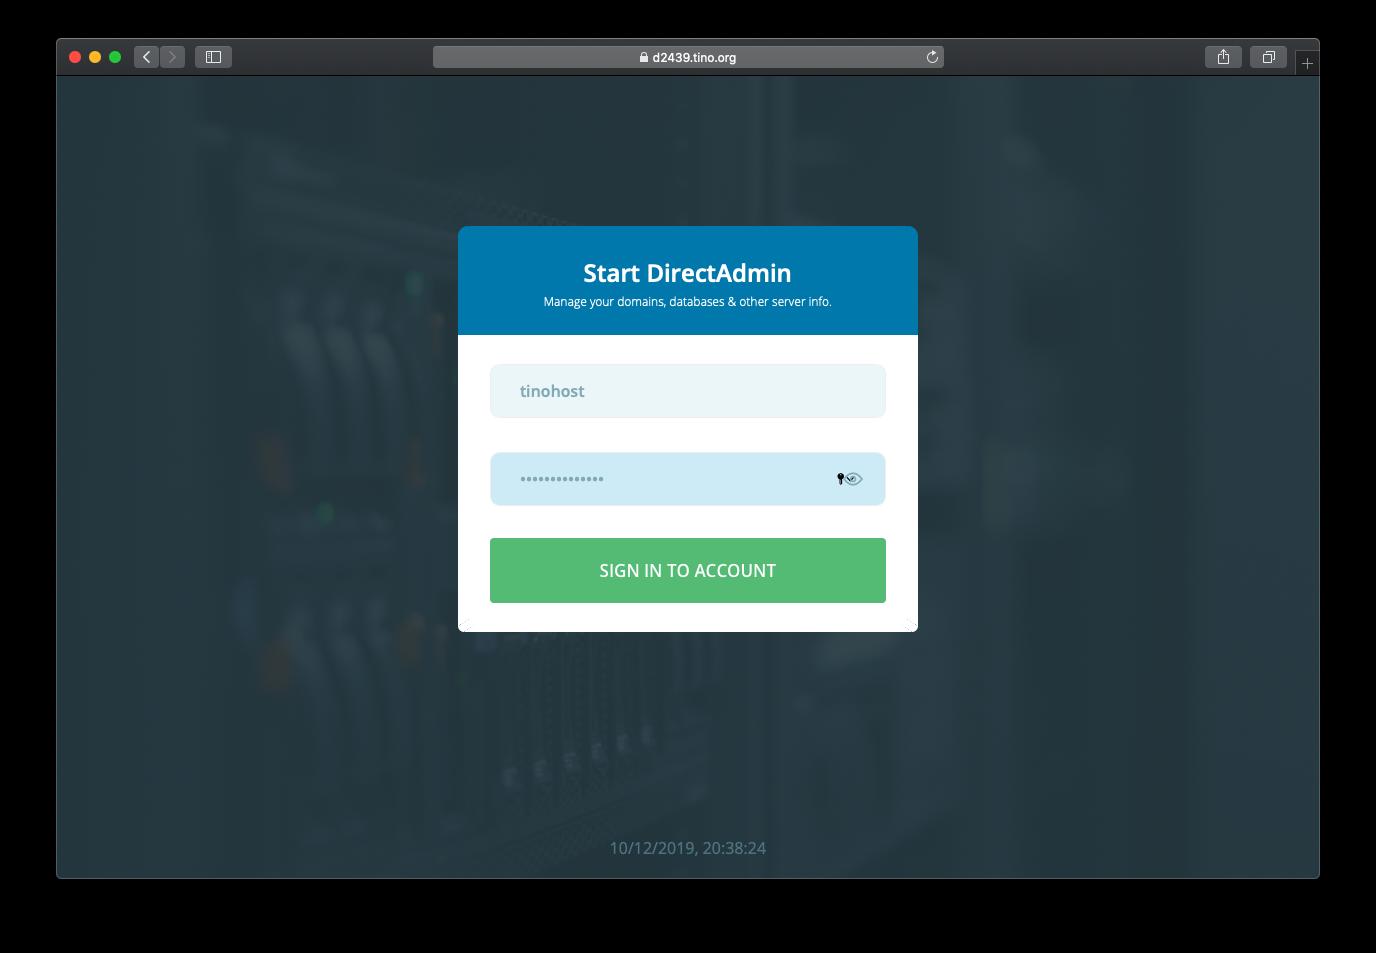 [DirectAdmin] - Hướng dẫn tùy chọn phiên bản PHP cho website trên Directadmin 9